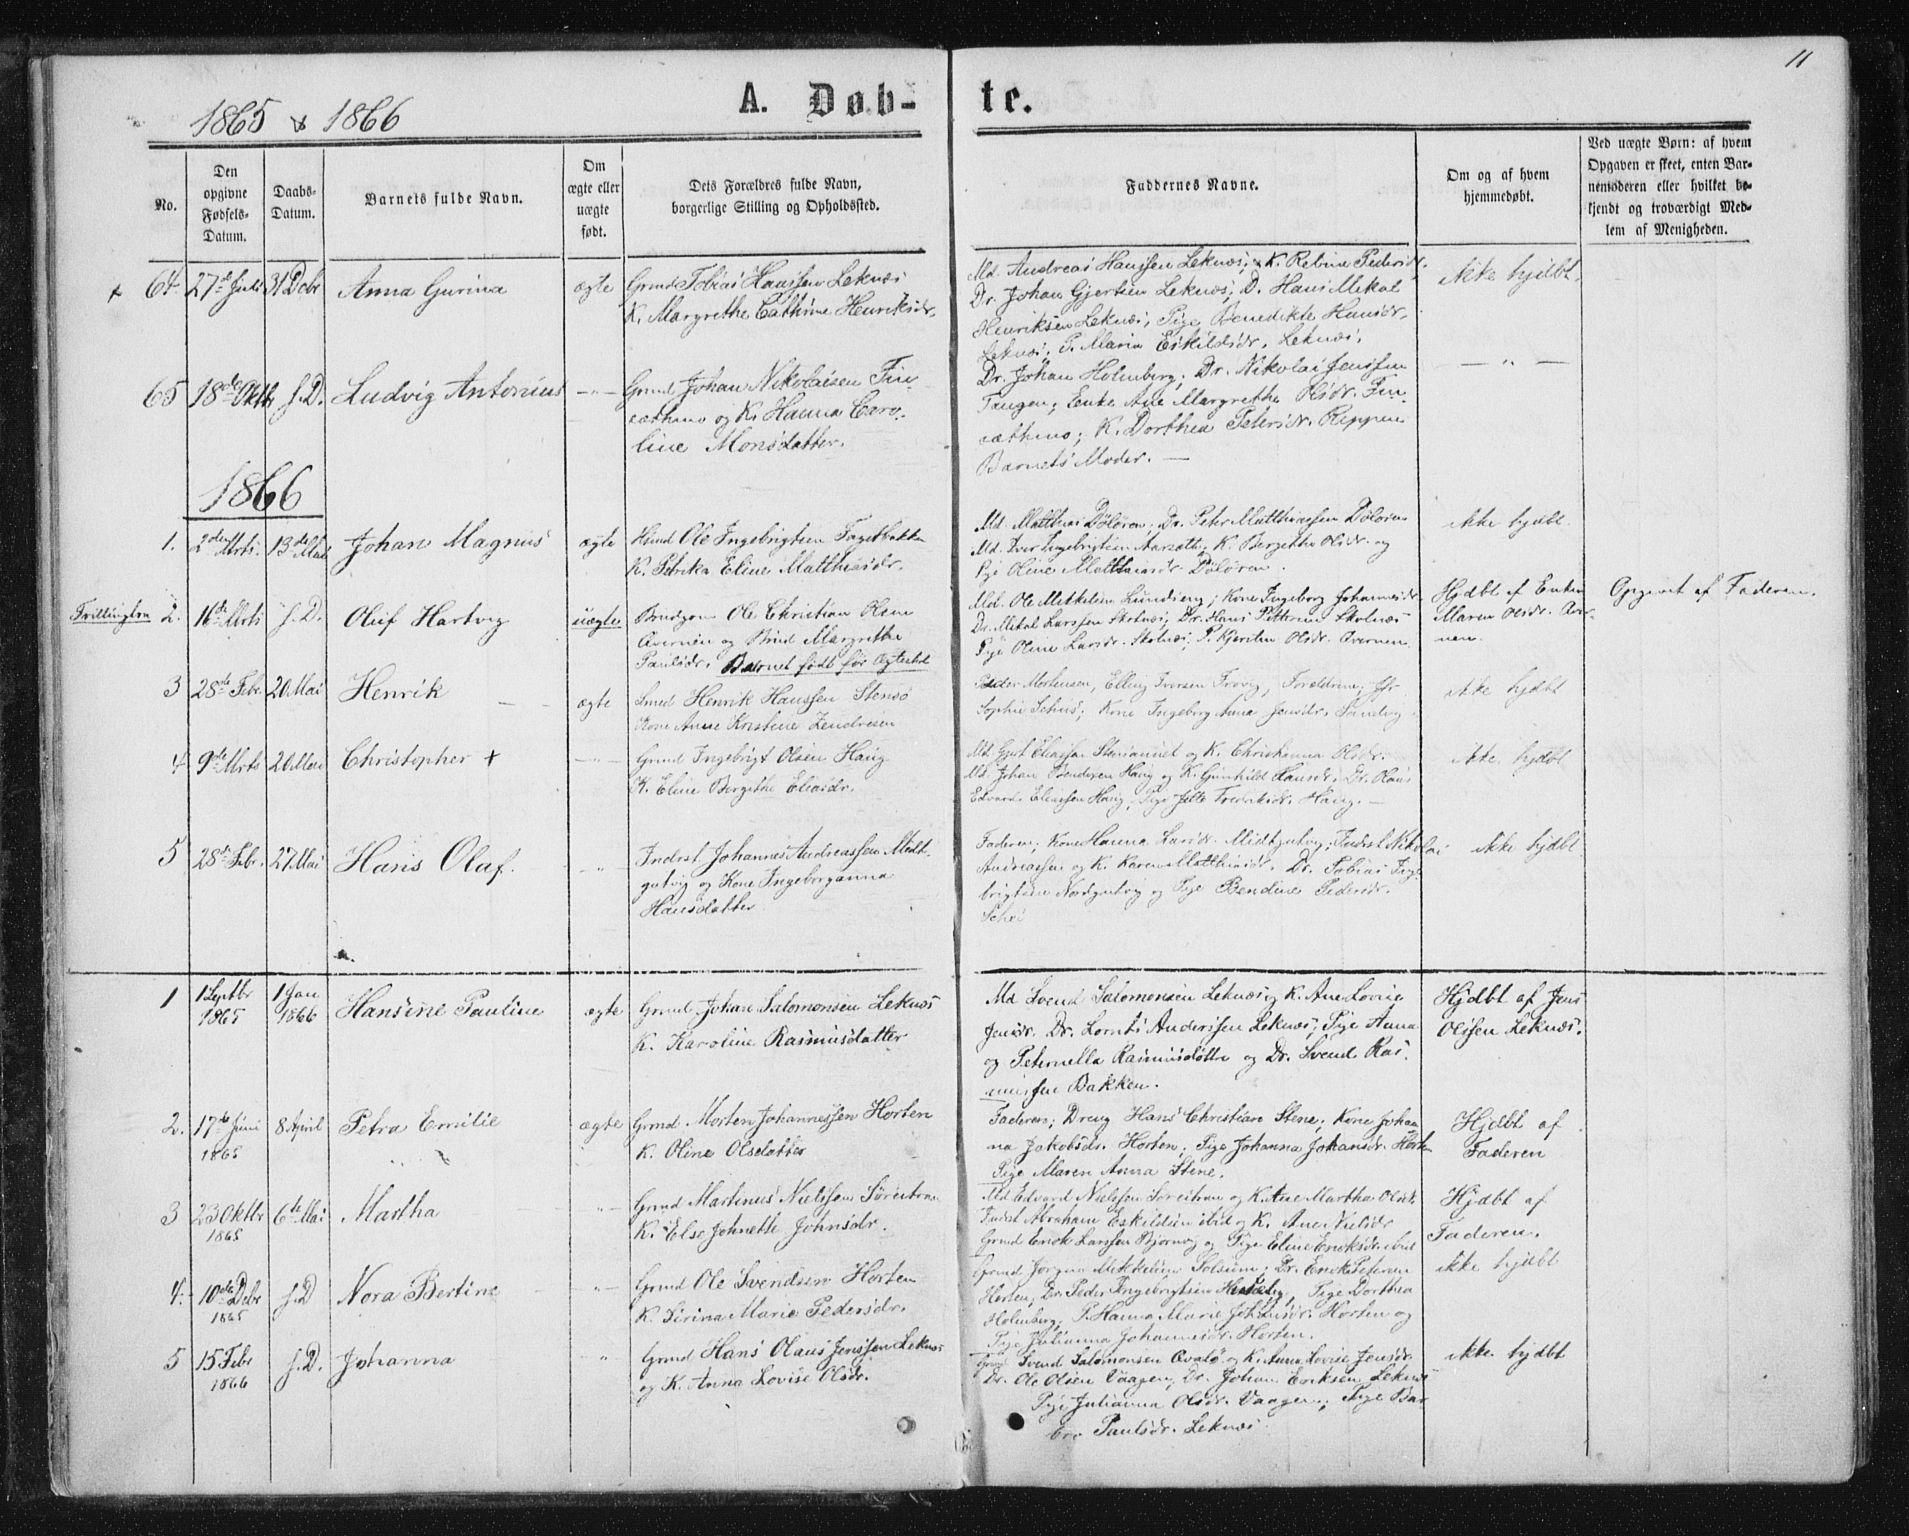 SAT, Ministerialprotokoller, klokkerbøker og fødselsregistre - Nord-Trøndelag, 788/L0696: Ministerialbok nr. 788A03, 1863-1877, s. 11